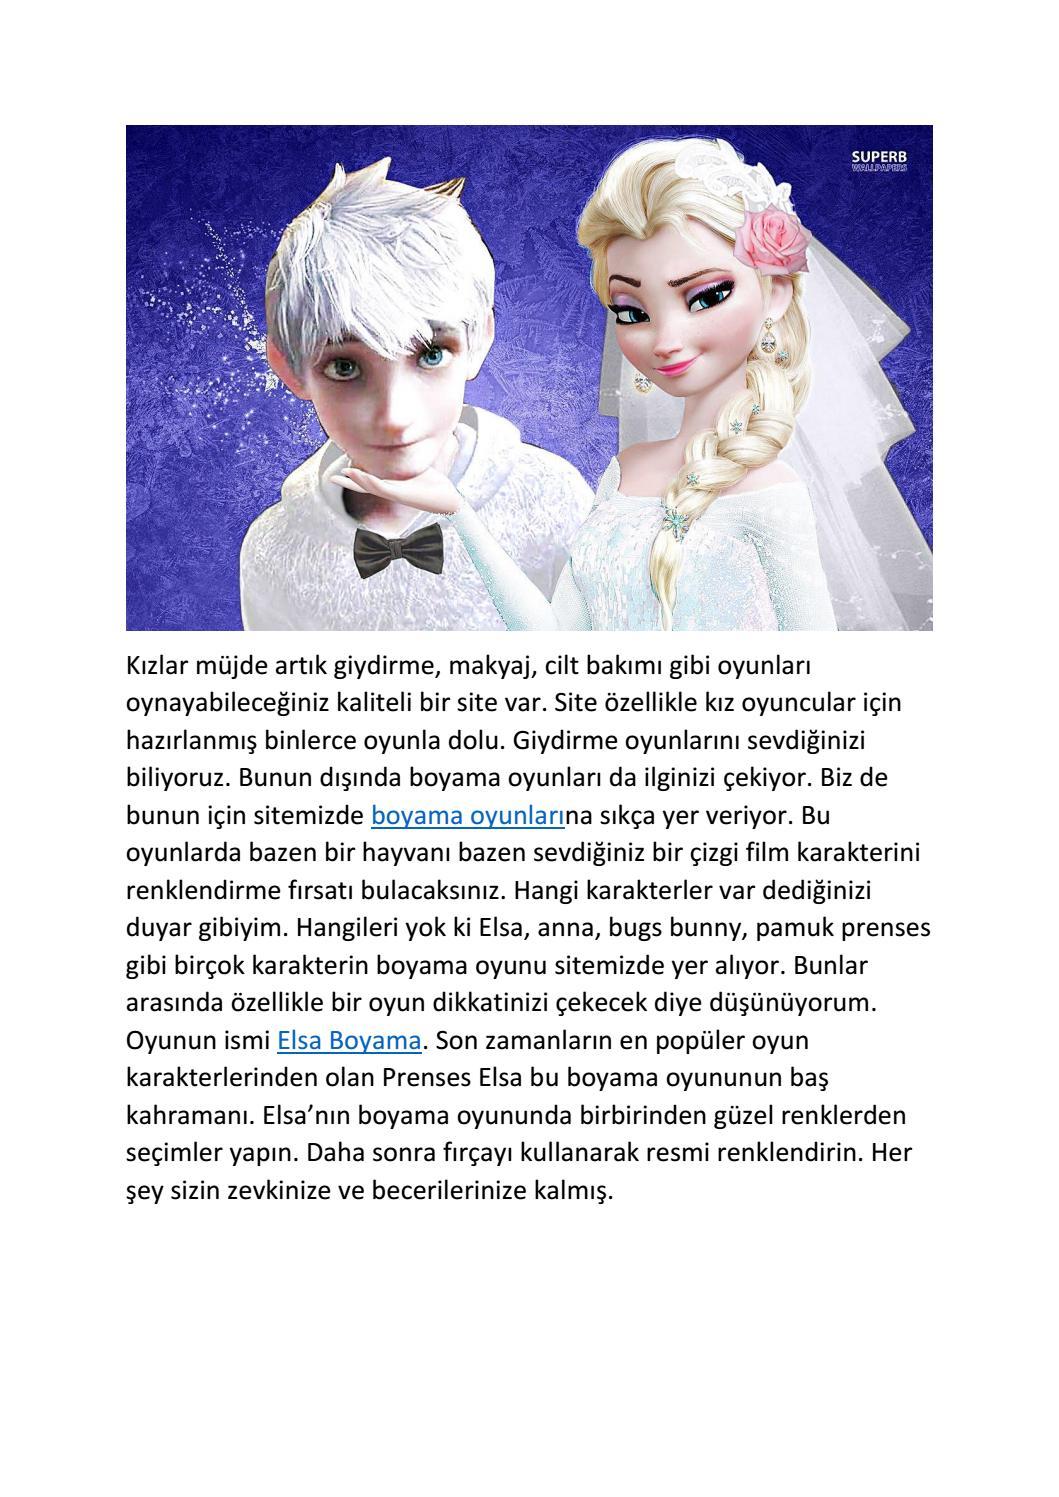 Elsa Boyama Oyunlari By Secilarslann Issuu